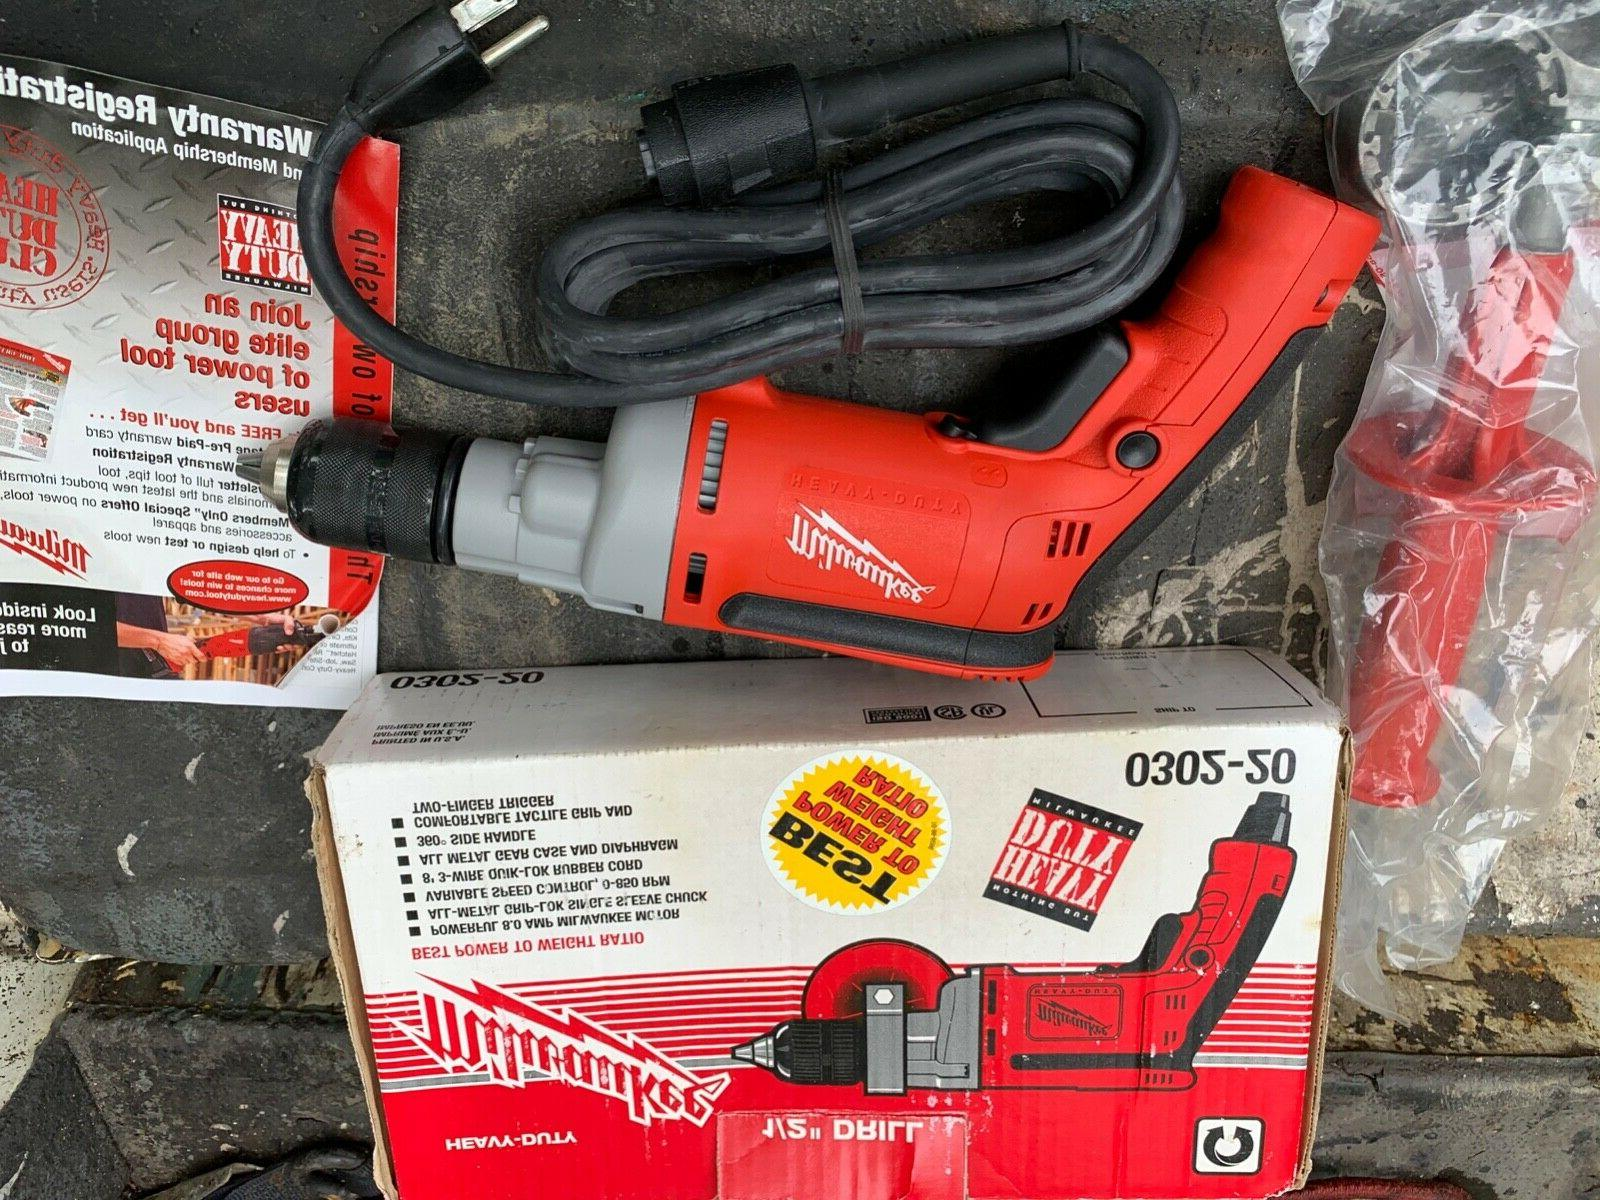 1 2 heavy duty drill nib